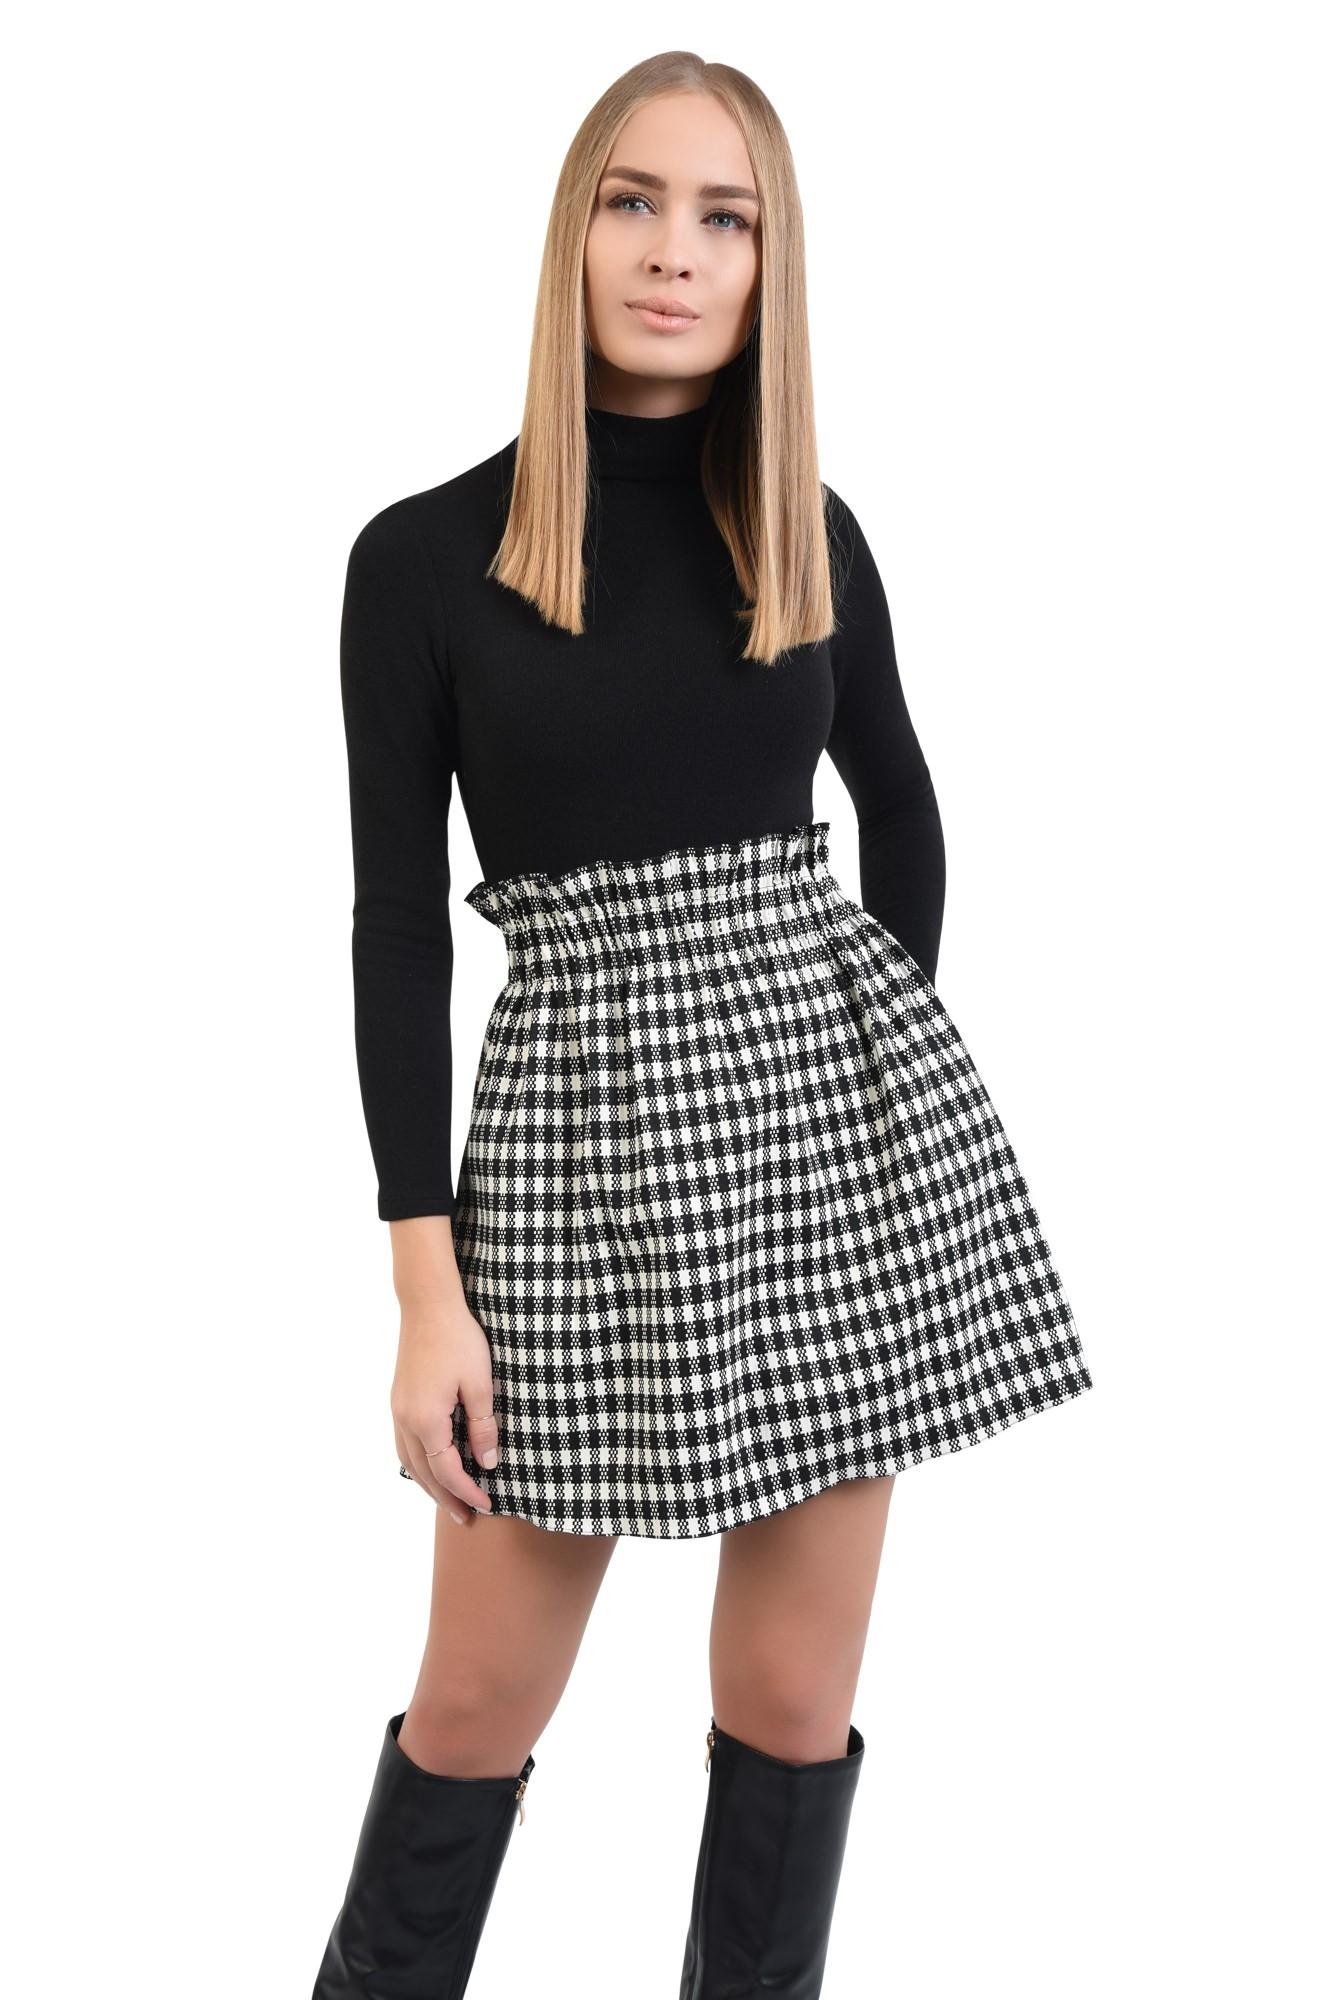 0 - fusta de zi, carouri alb-negru, mini, buzunare